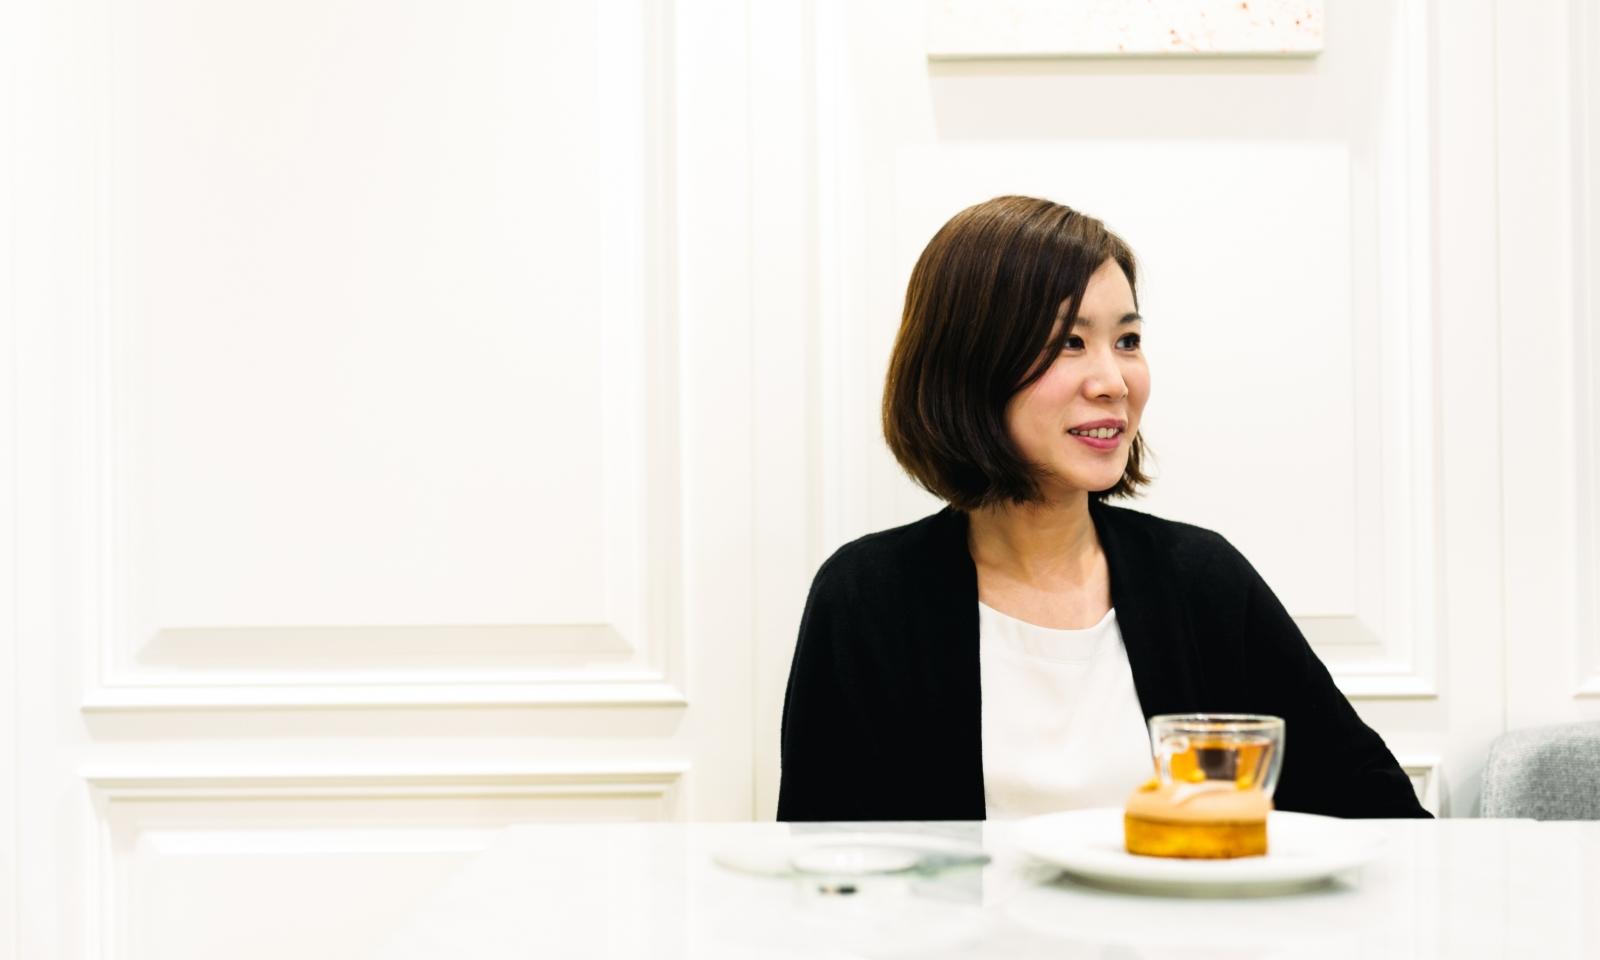 從美學與工藝重新定義甜點的美味——專訪《巴黎甜點師 Ying 的私房尋味》作者 Ying C.